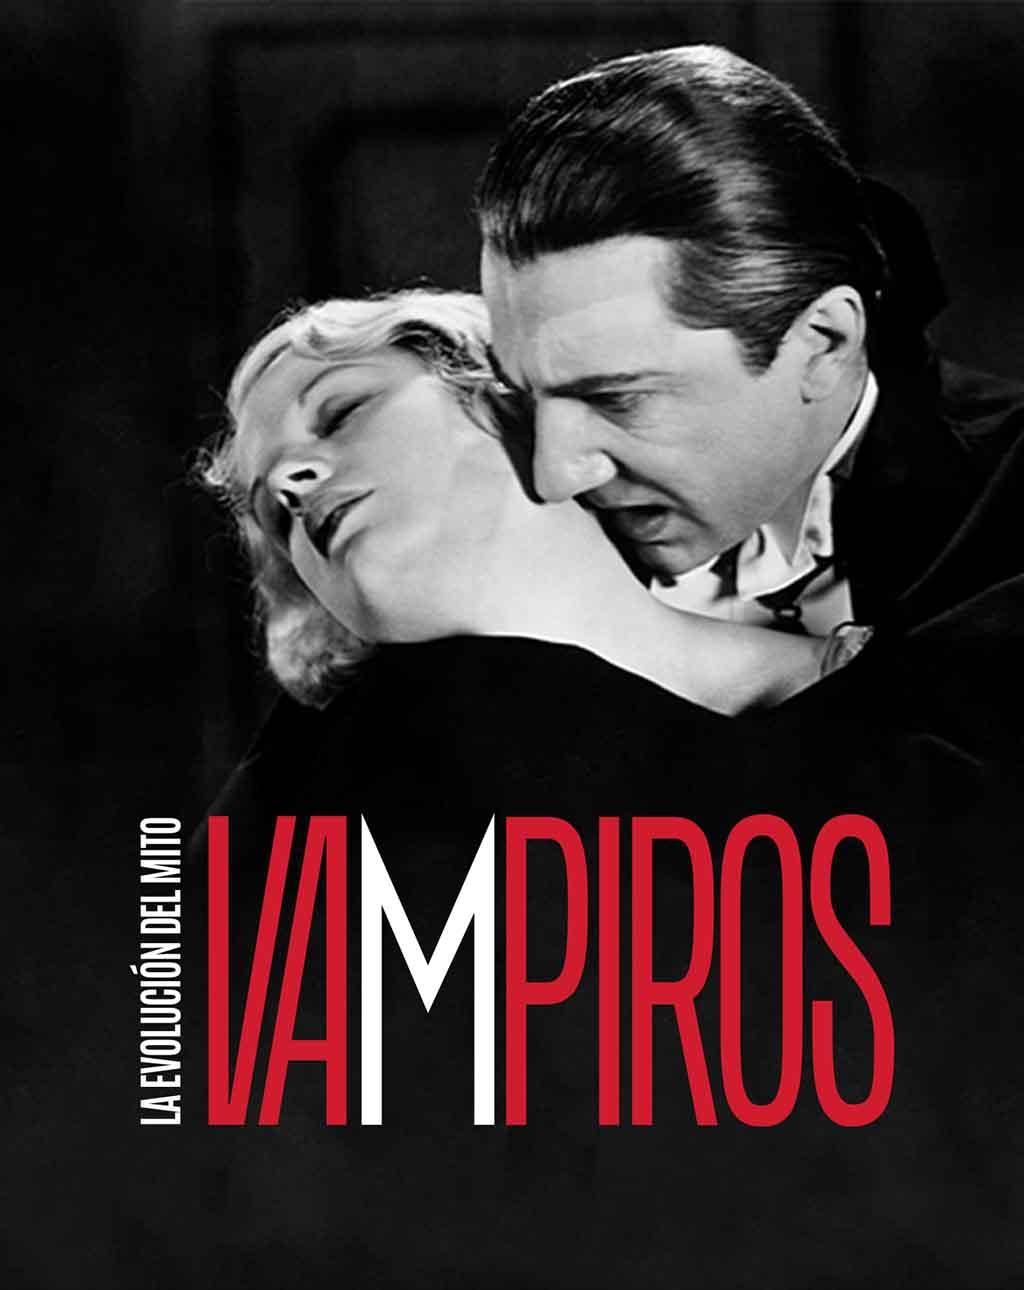 Vampiros: la evolución del mito (Madrid) @ CaixaForum Madrid